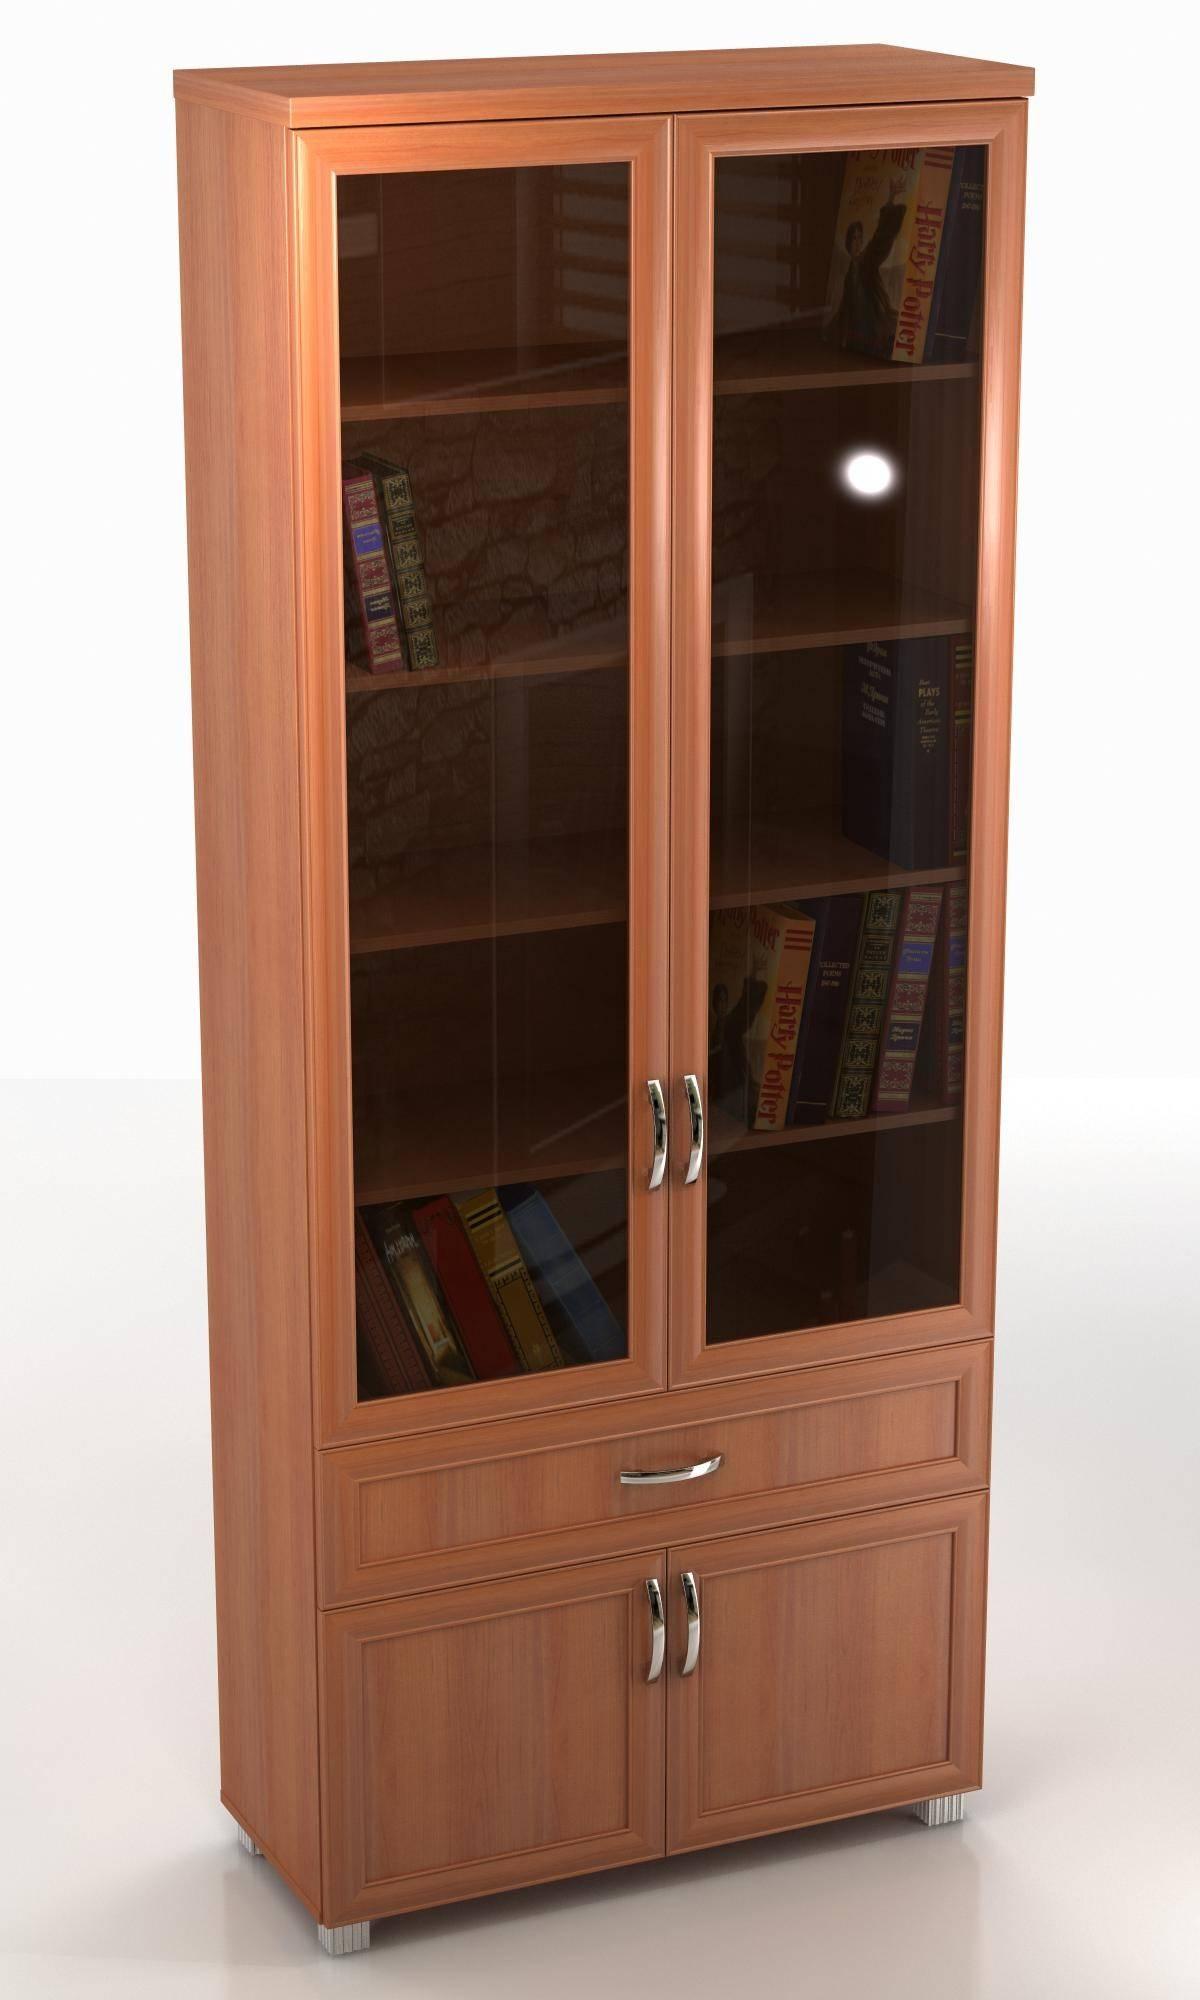 Шкаф для одежды ная шкаф со стеклом ша-c1 72020935: цена, ха.